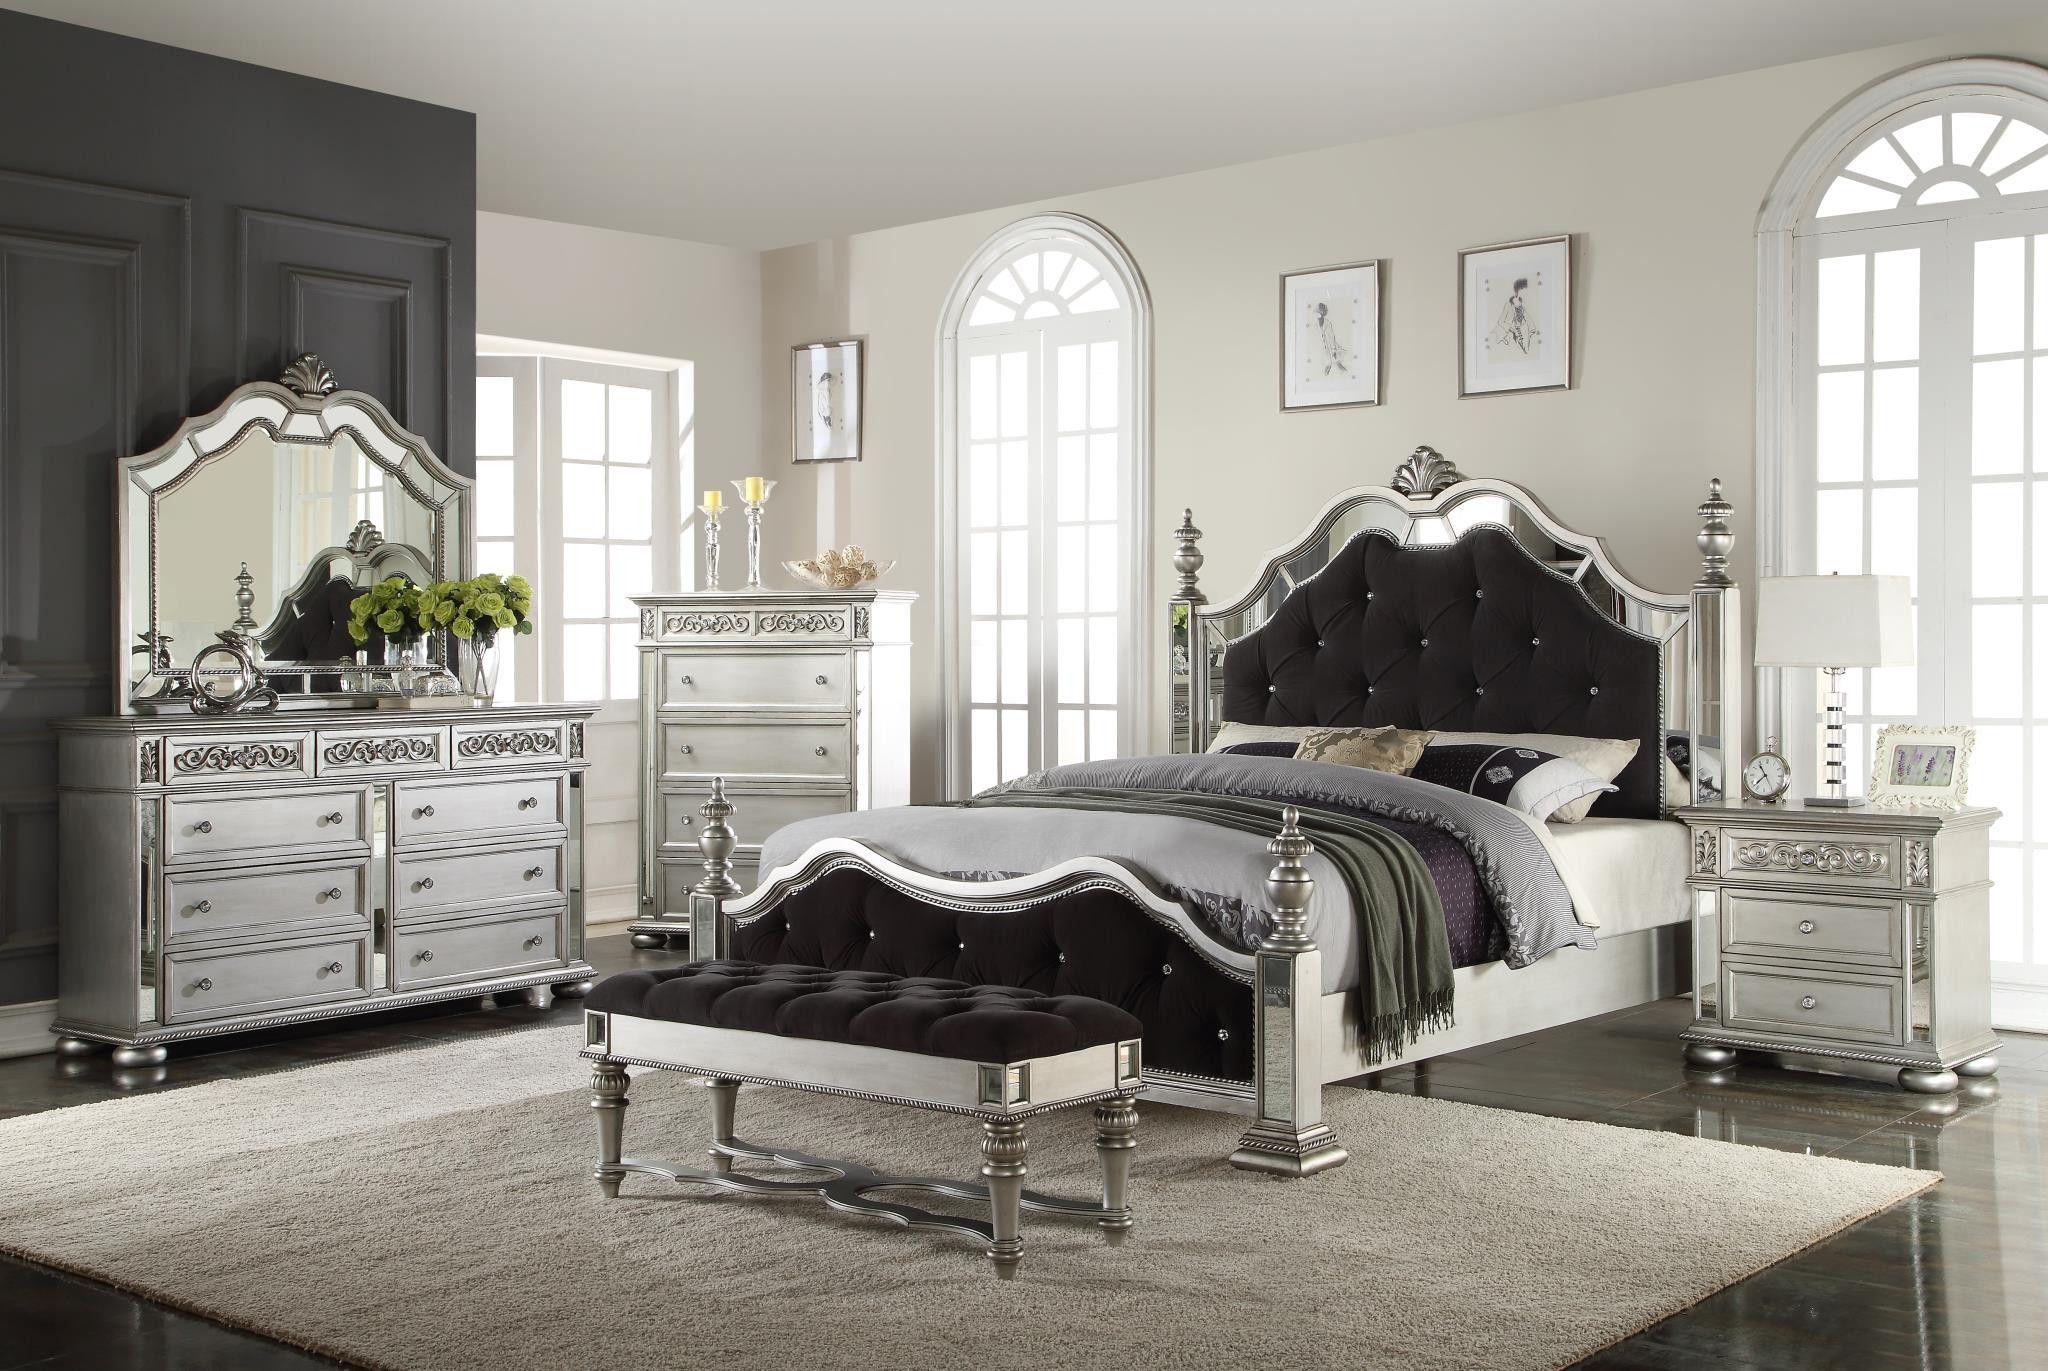 Kealynn bedroom set bedrooms king size bedroom sets and furniture